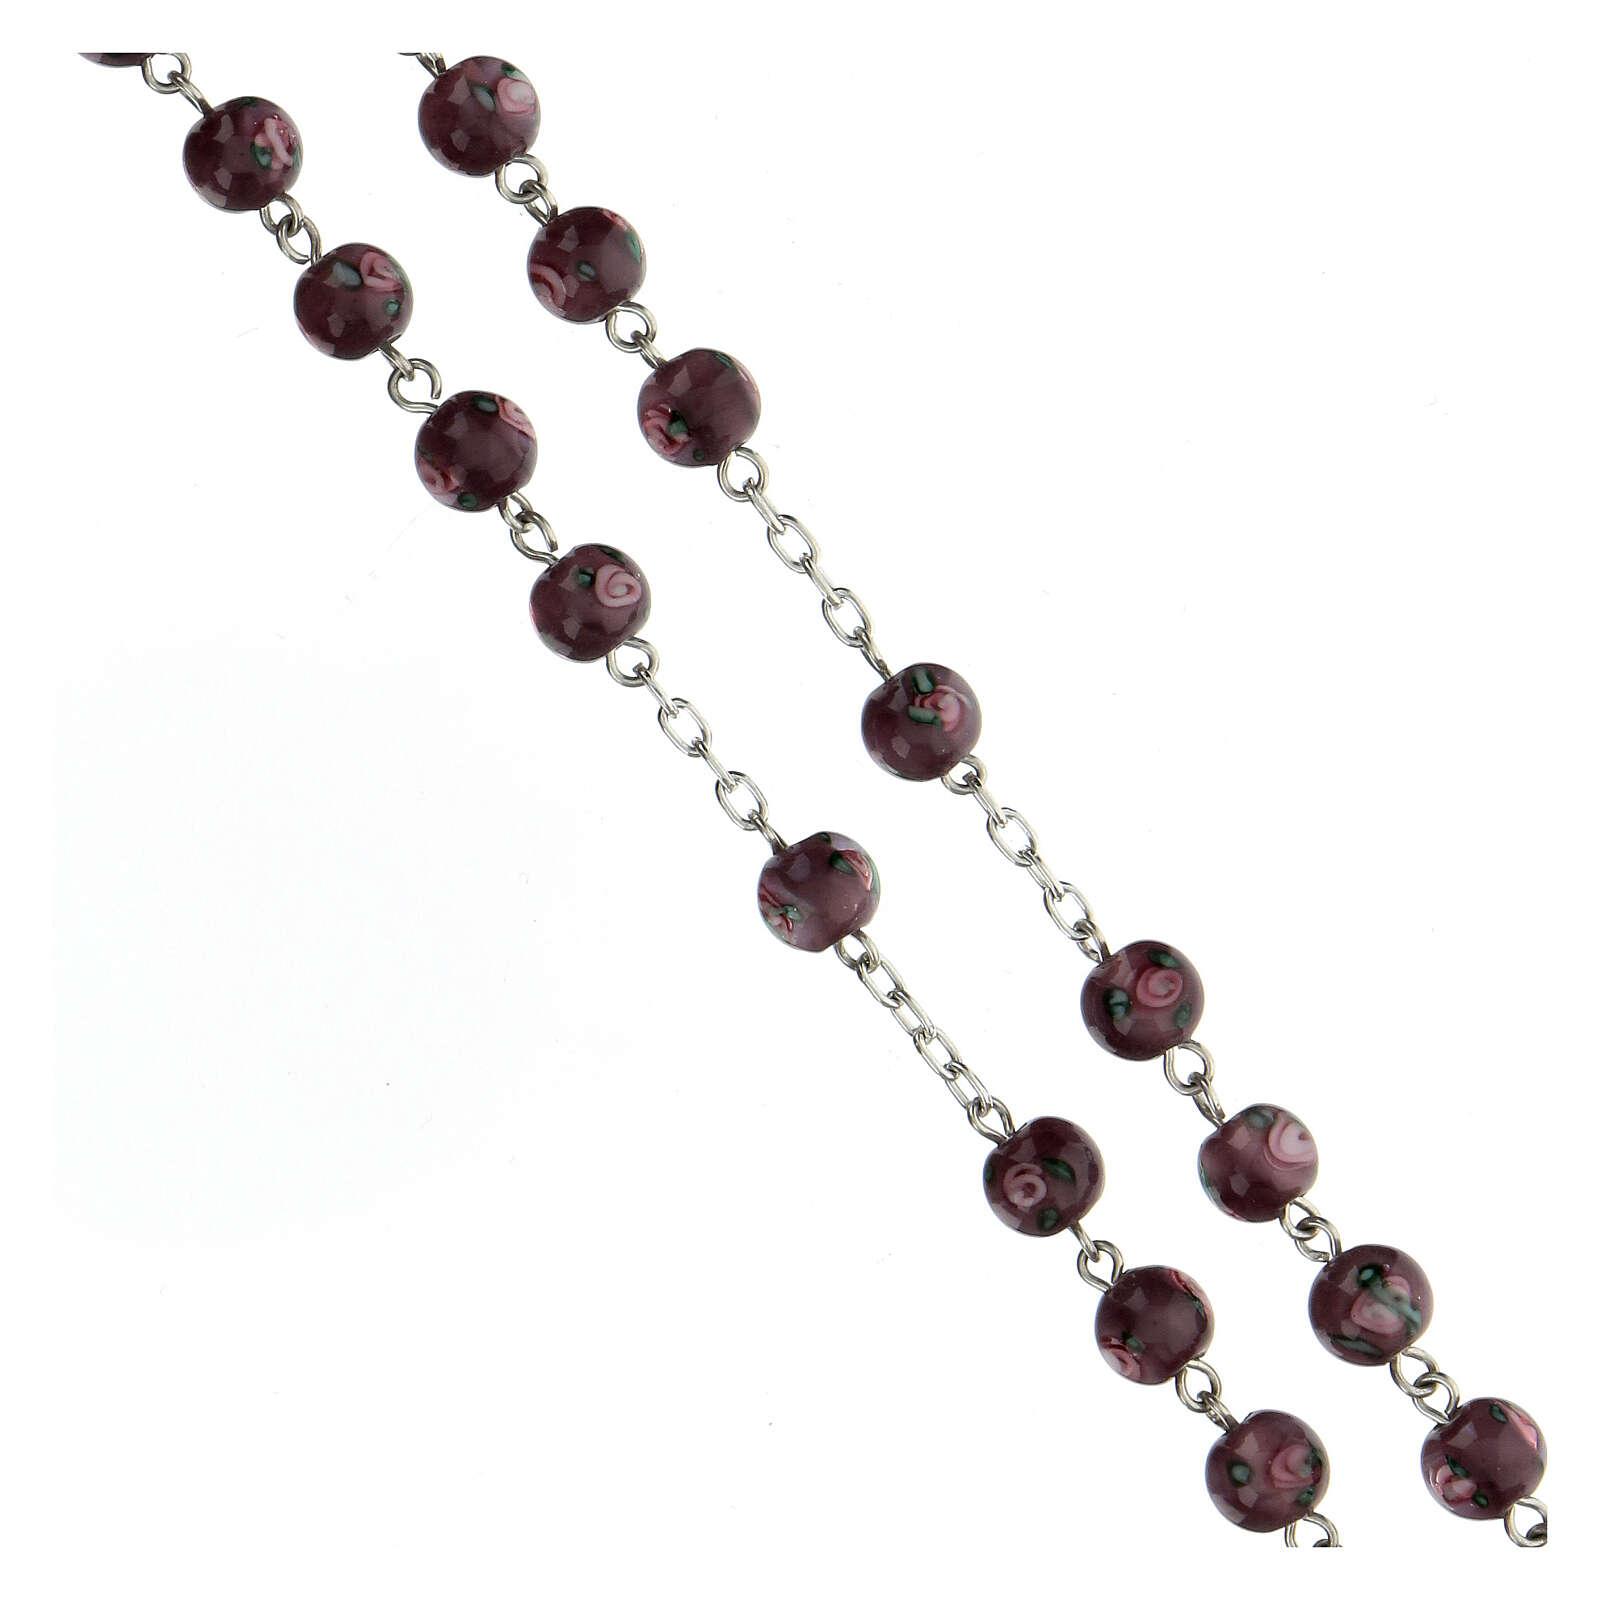 Terço prata 925 pérolas de vidro 6 mm roxas e cruz perfurada 4